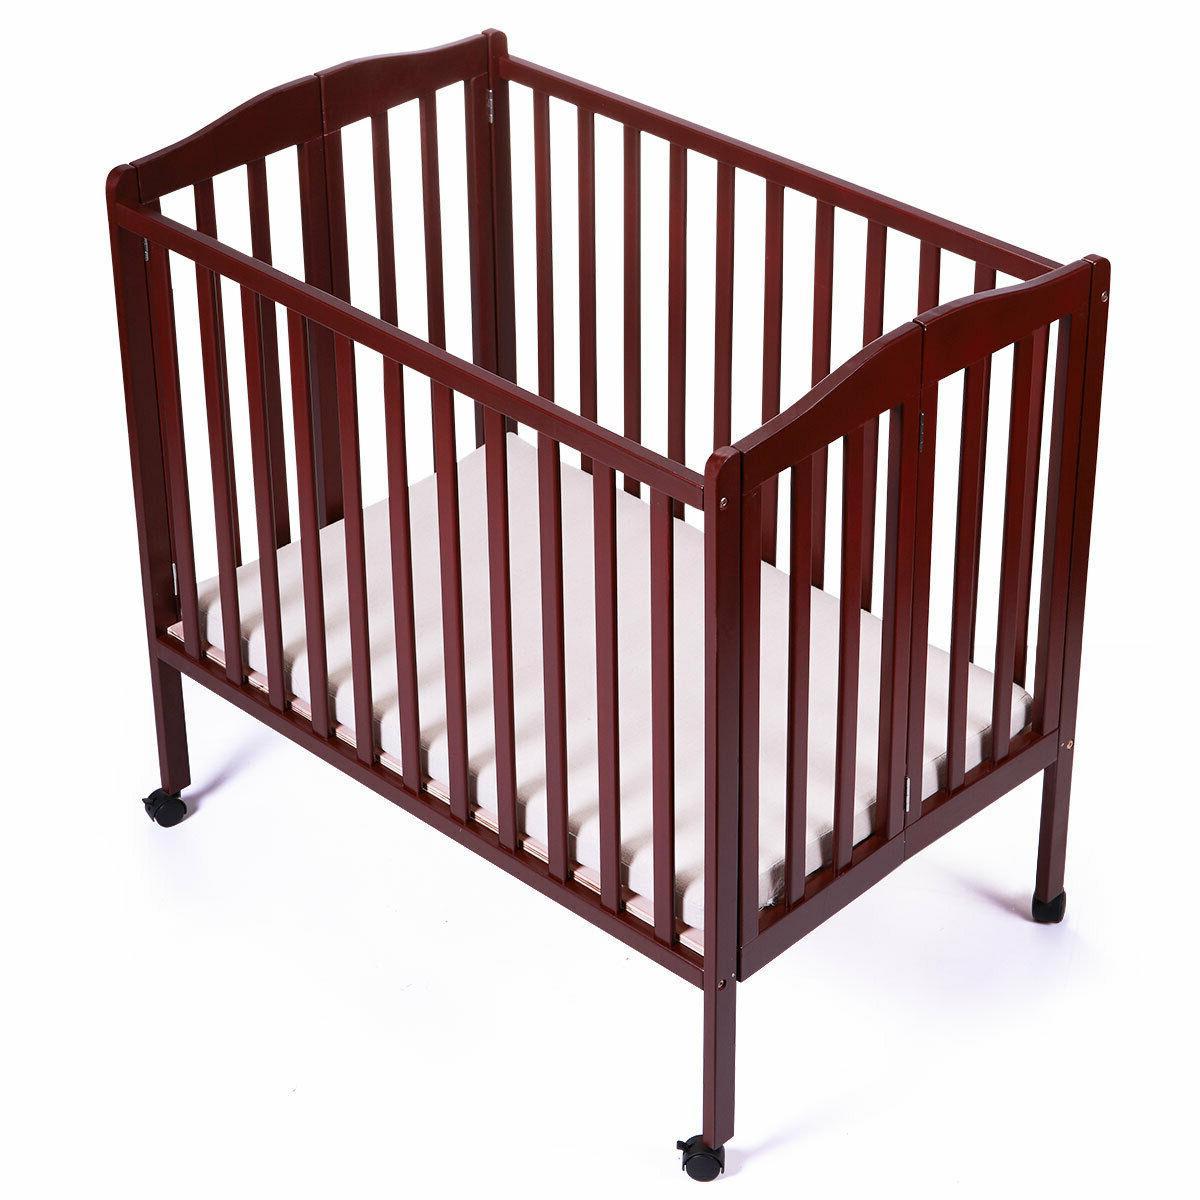 TOBBI-SAFE Bed Safety Infant Newborn